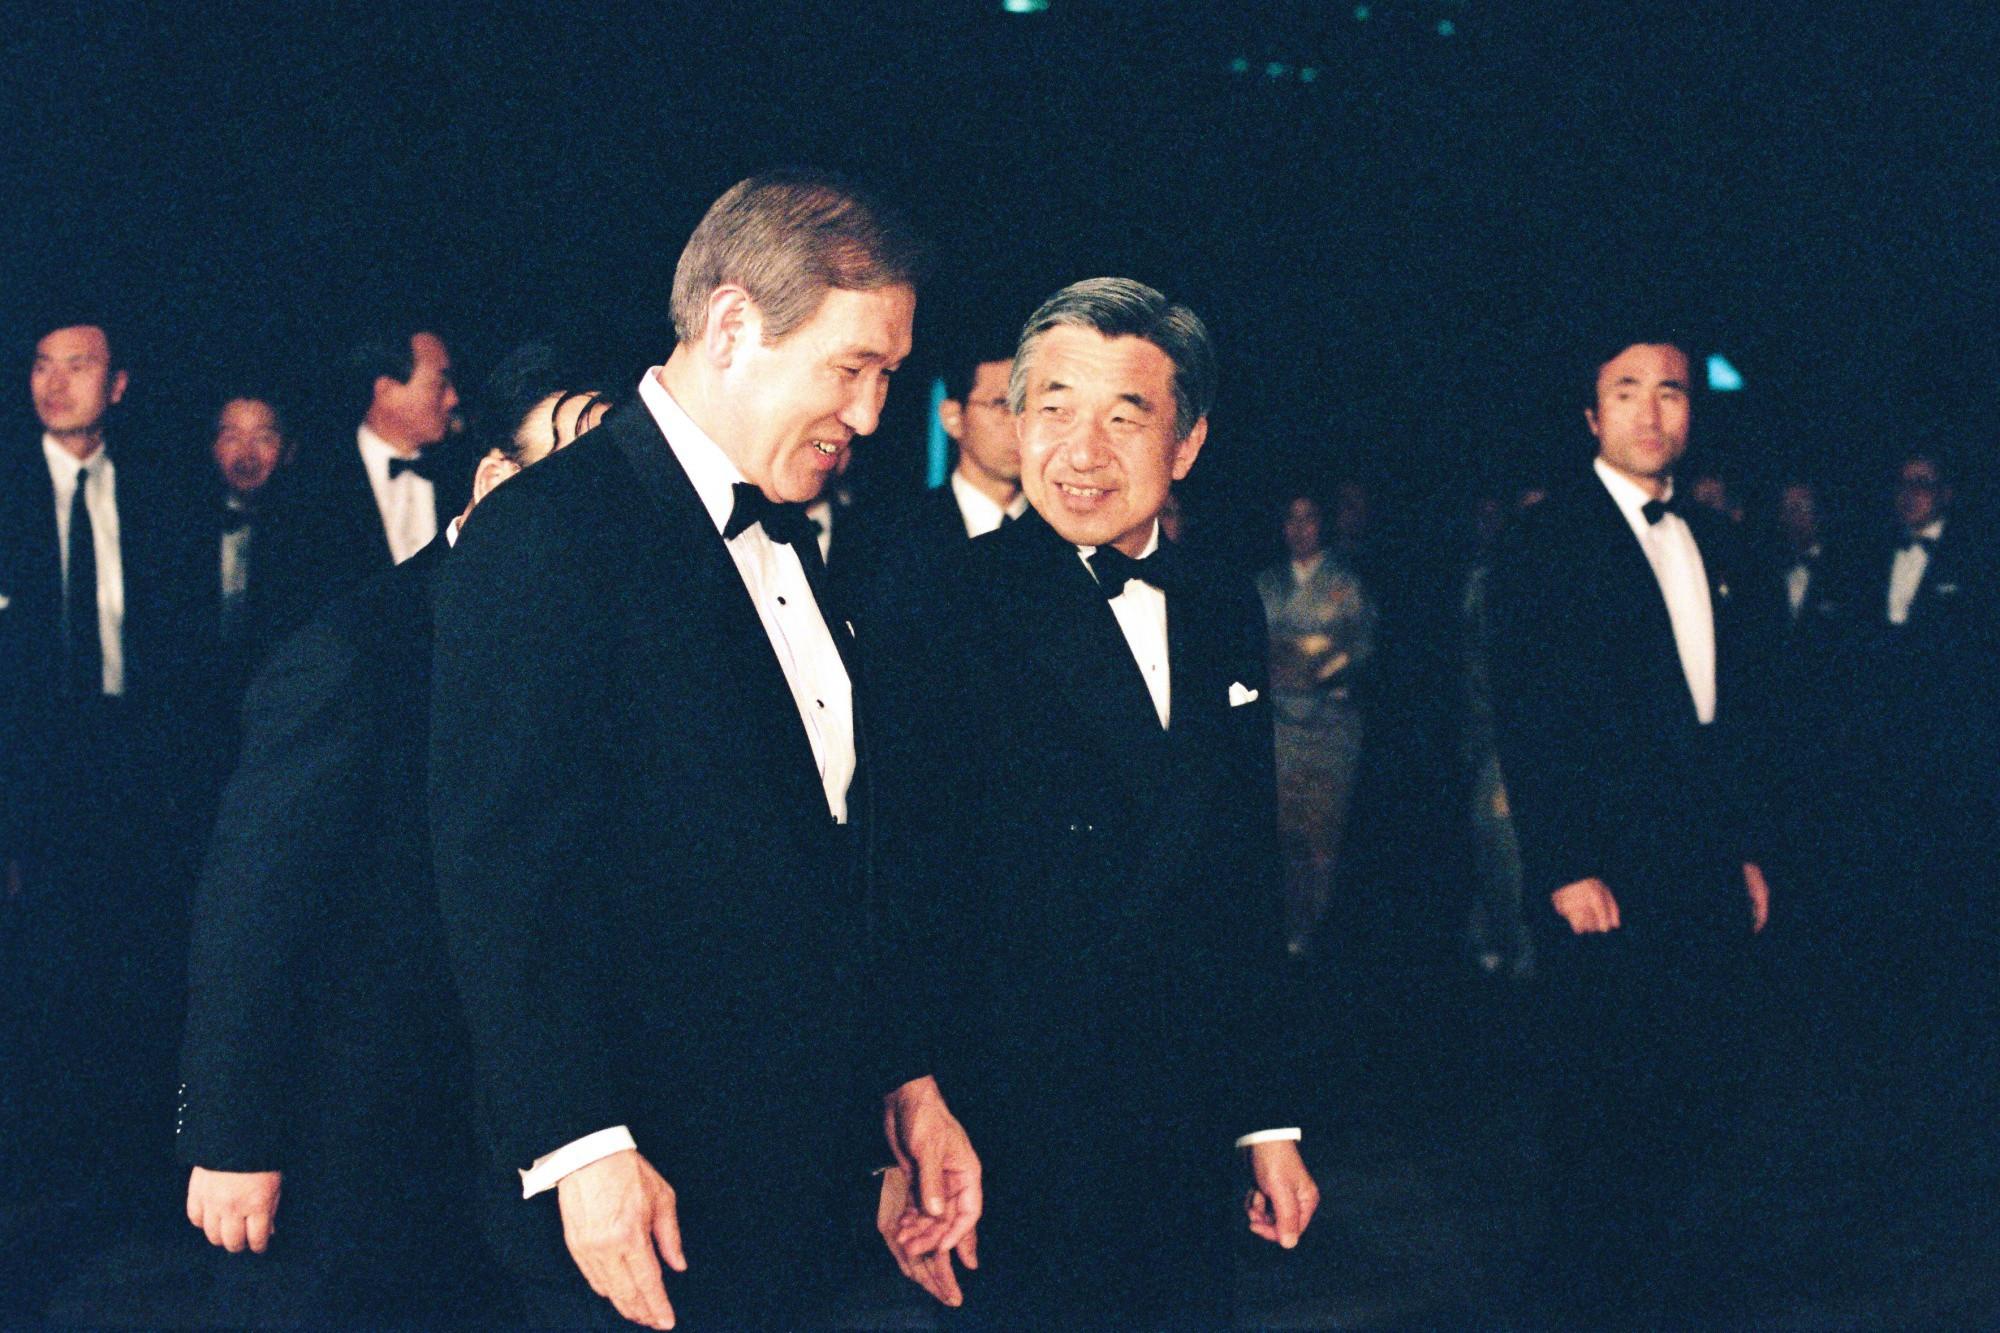 Nhật Hoàng Akihito: Vị hoàng đế của nhiều lần đầu tiên - Ảnh 10.